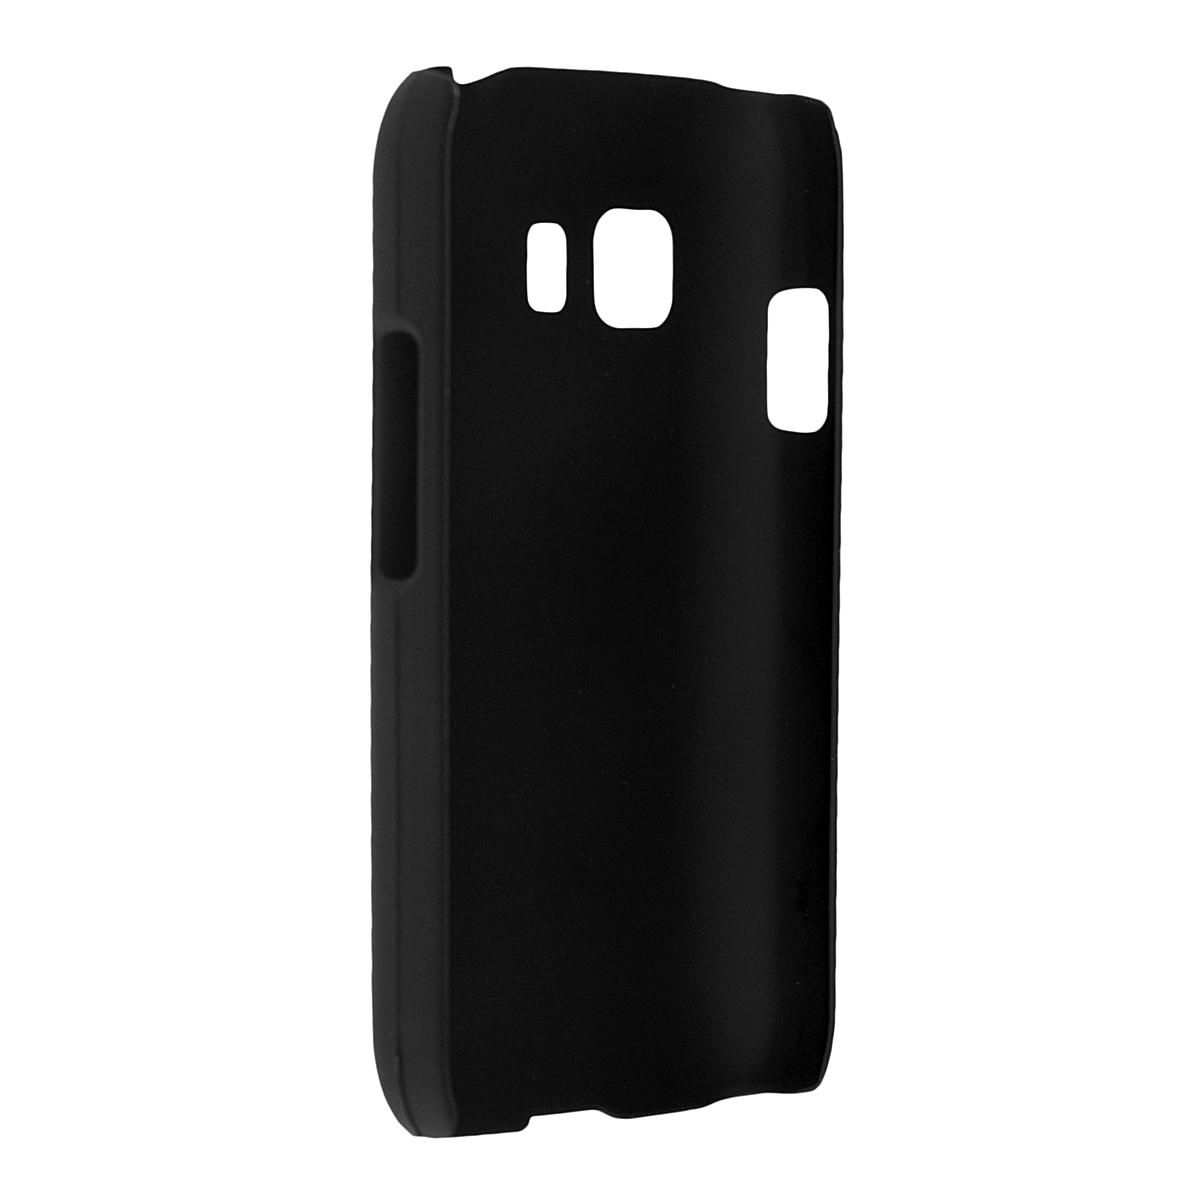 Skinbox Shield 4People чехол для Samsung Galaxy Young 2, BlackT-S-SGY2-002Чехол Skinbox Shield 4People для Samsung Galaxy Young 2 предназначен для защиты корпуса смартфона от механических повреждений и царапин в процессе эксплуатации. Имеется свободный доступ ко всем разъемам и кнопкам устройства. В комплект также входит защитная пленка на экран телефона.